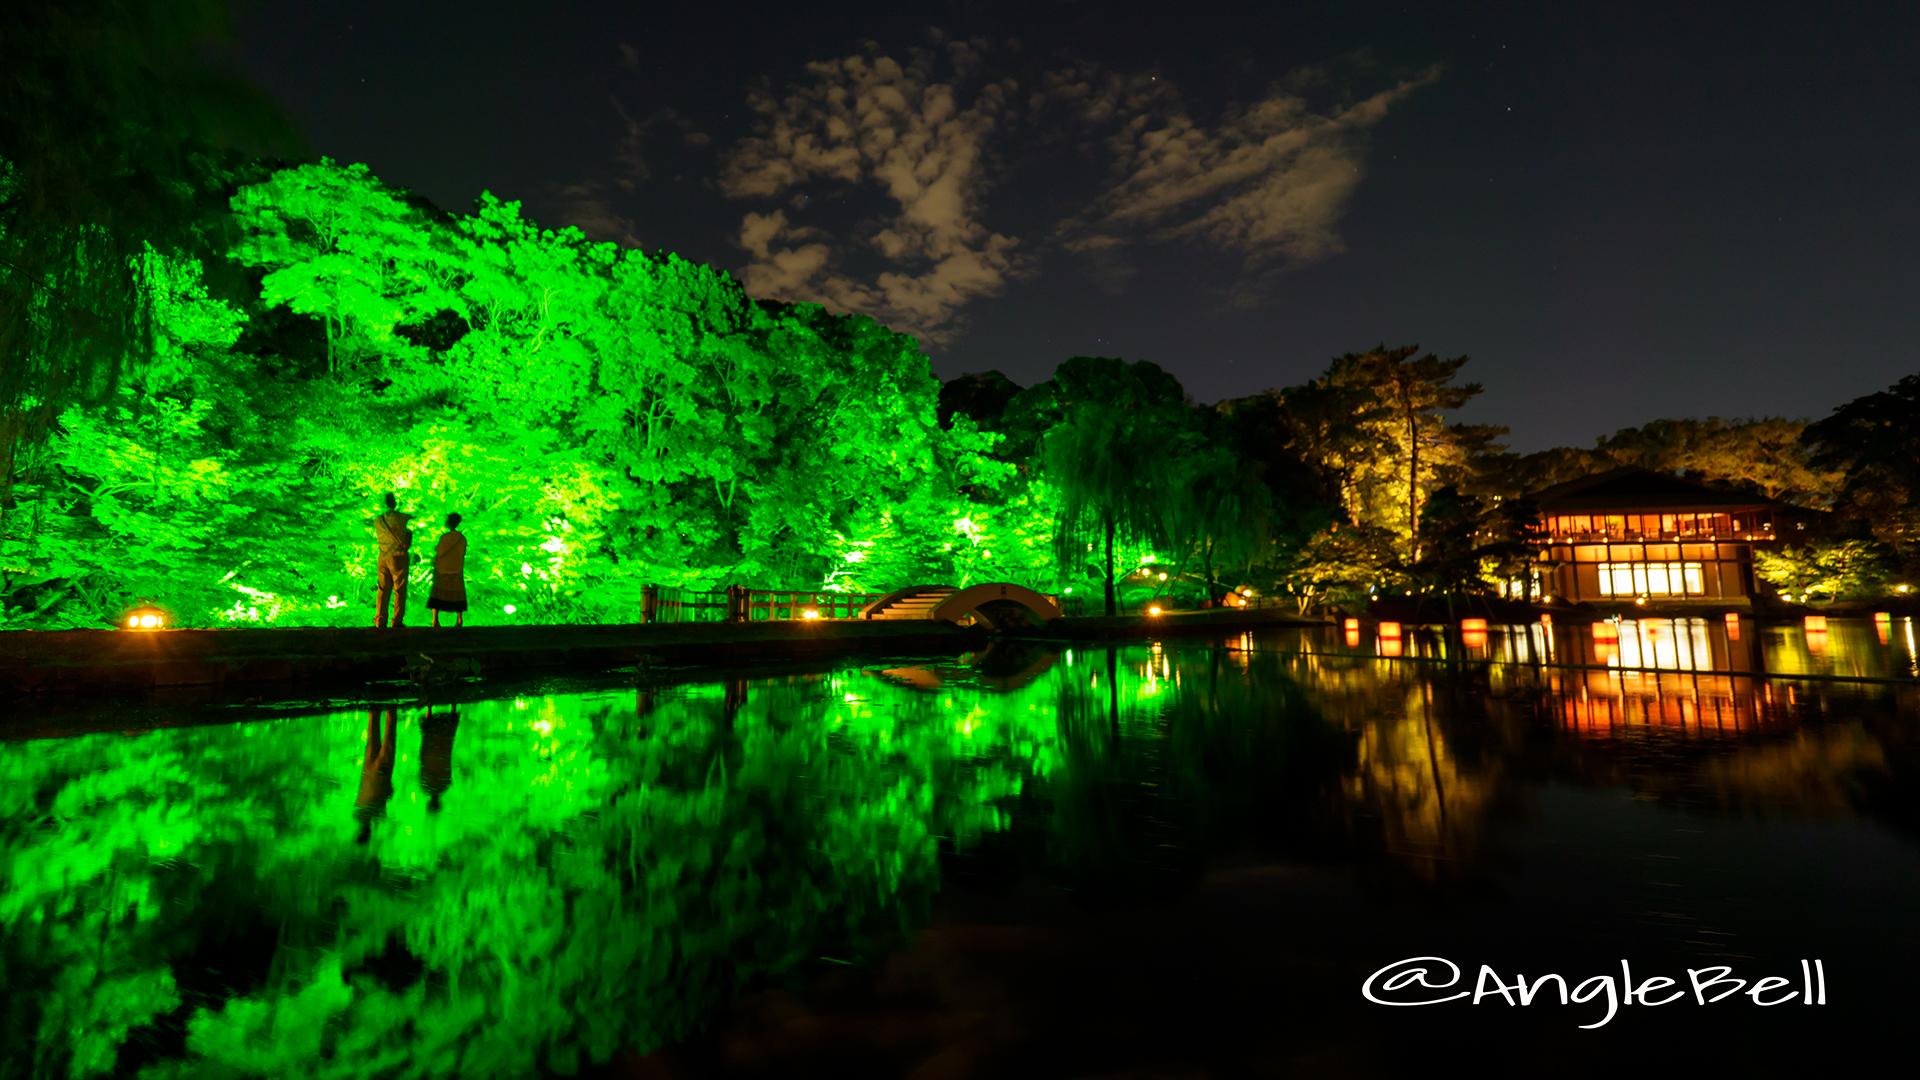 名古屋 徳川園 龍仙湖と太鼓橋 夜会ライトアップ